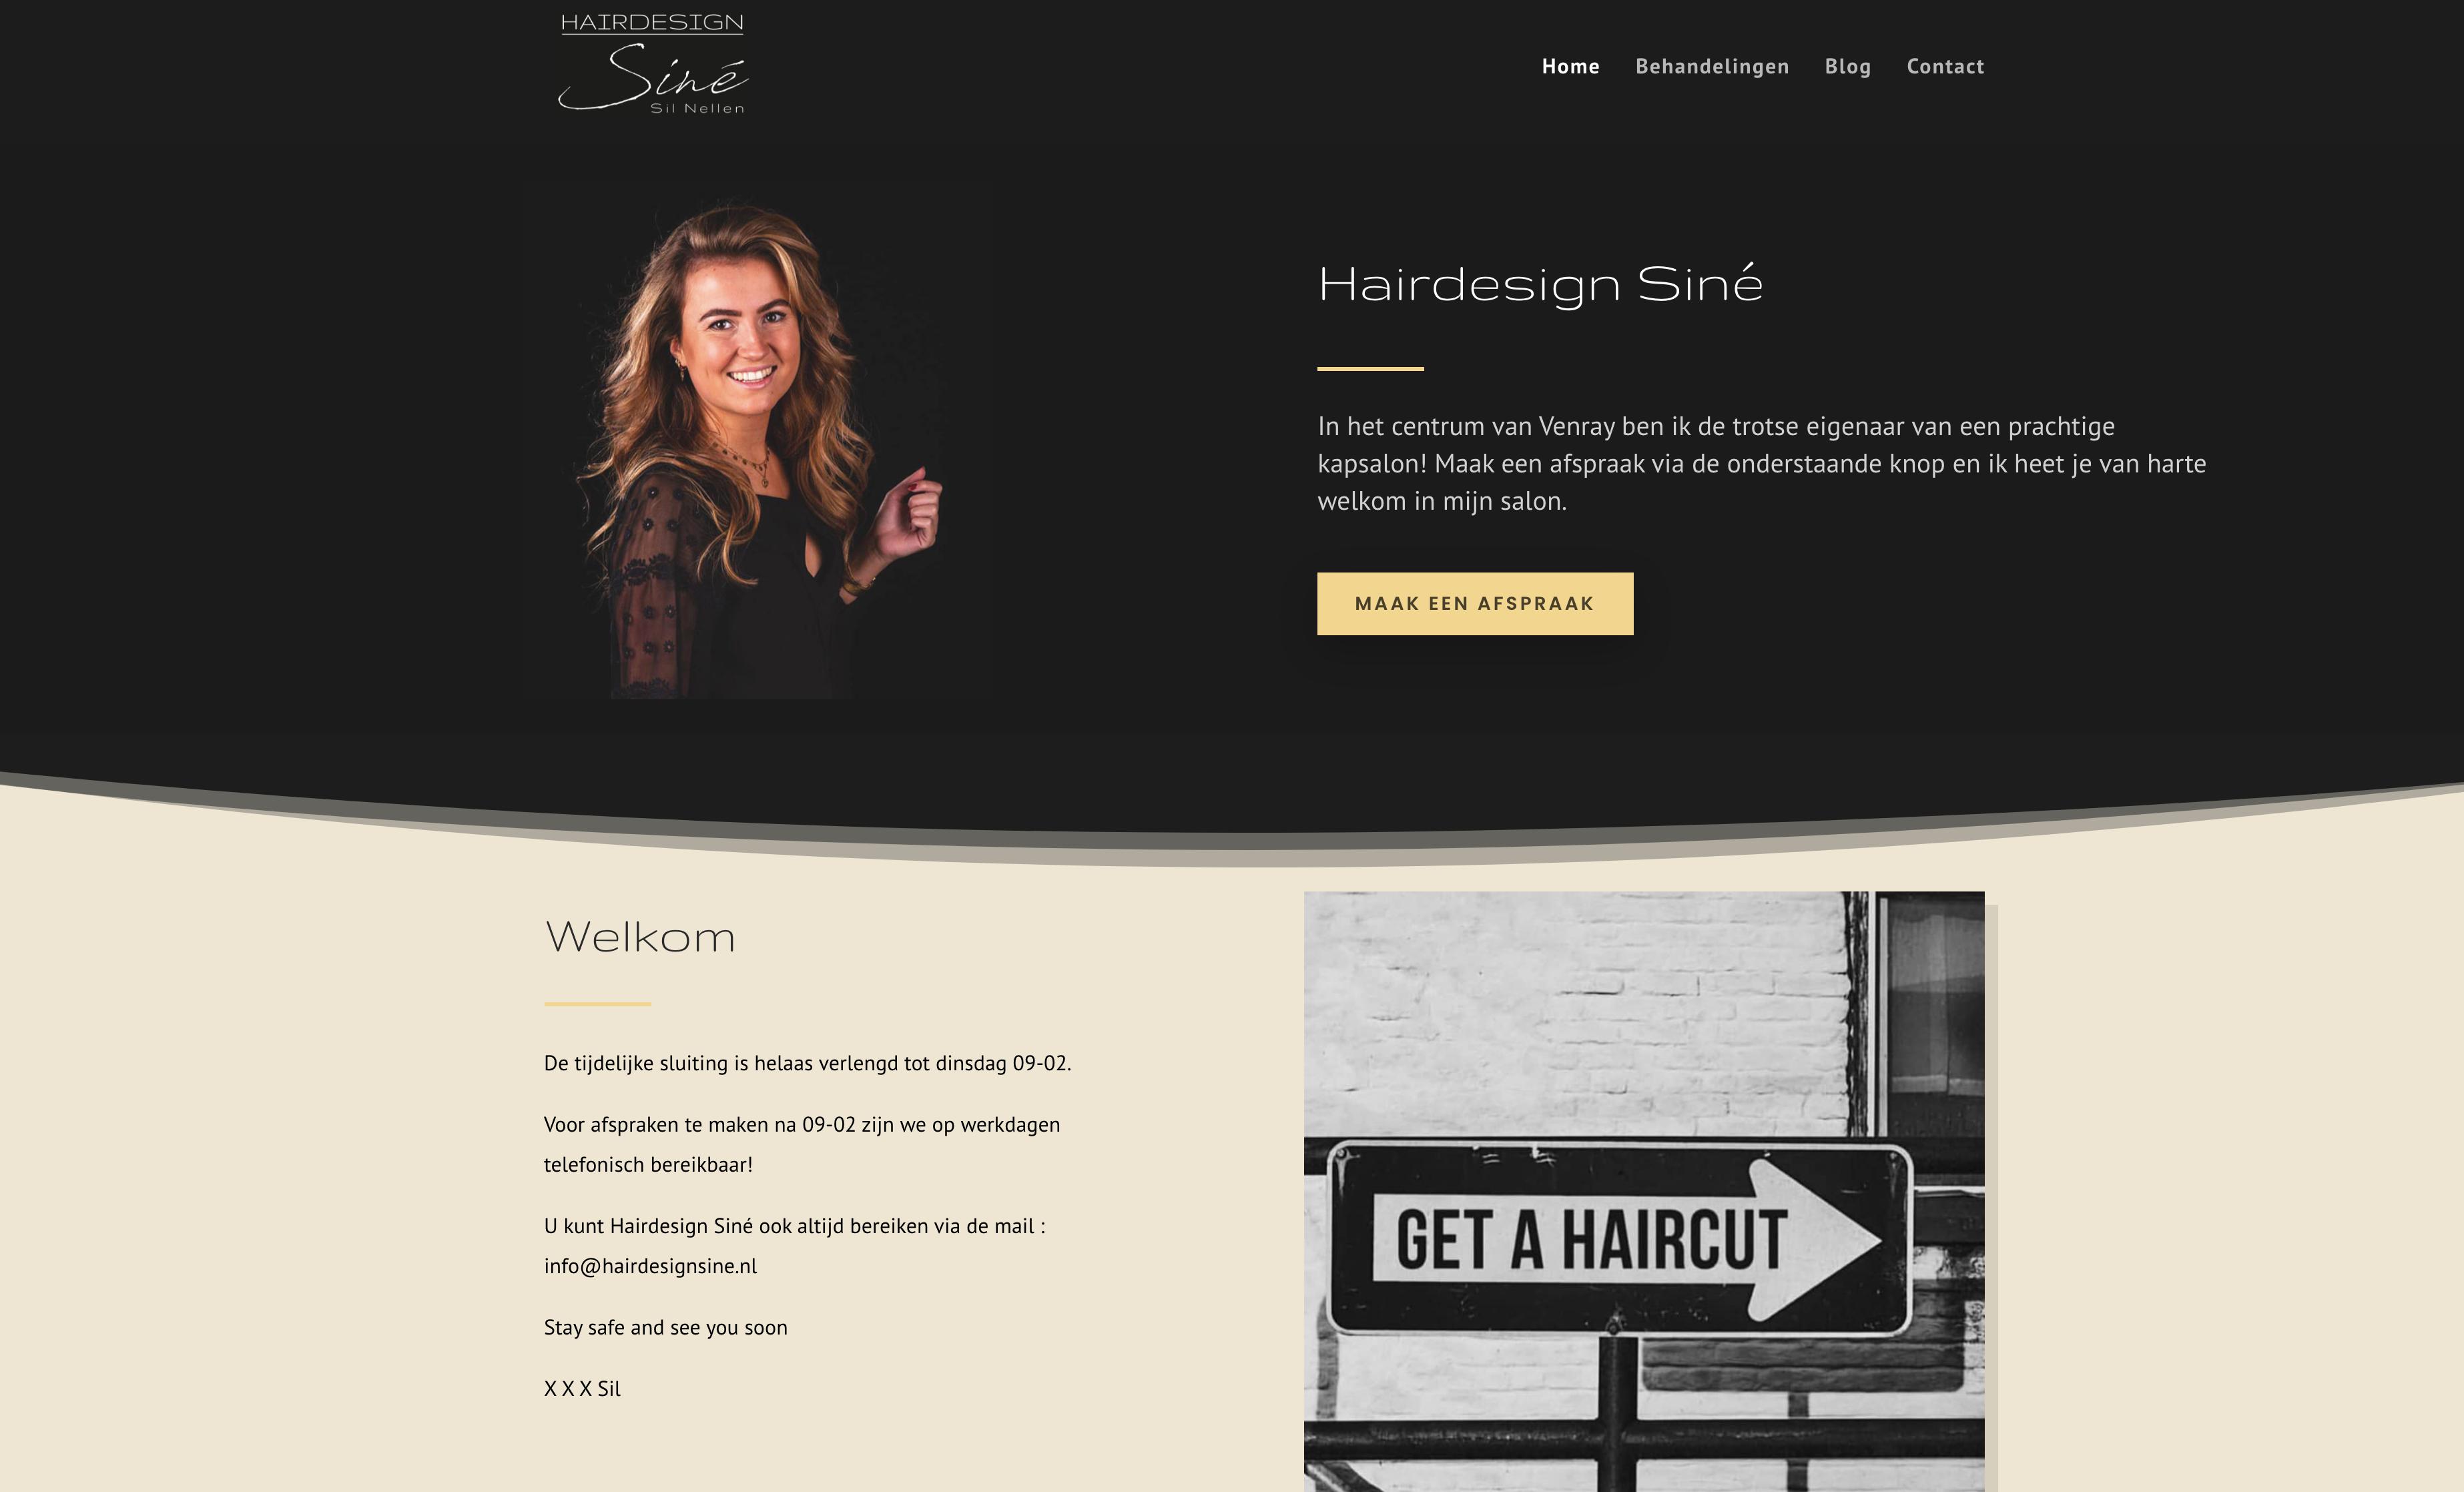 Hairdesign Sine